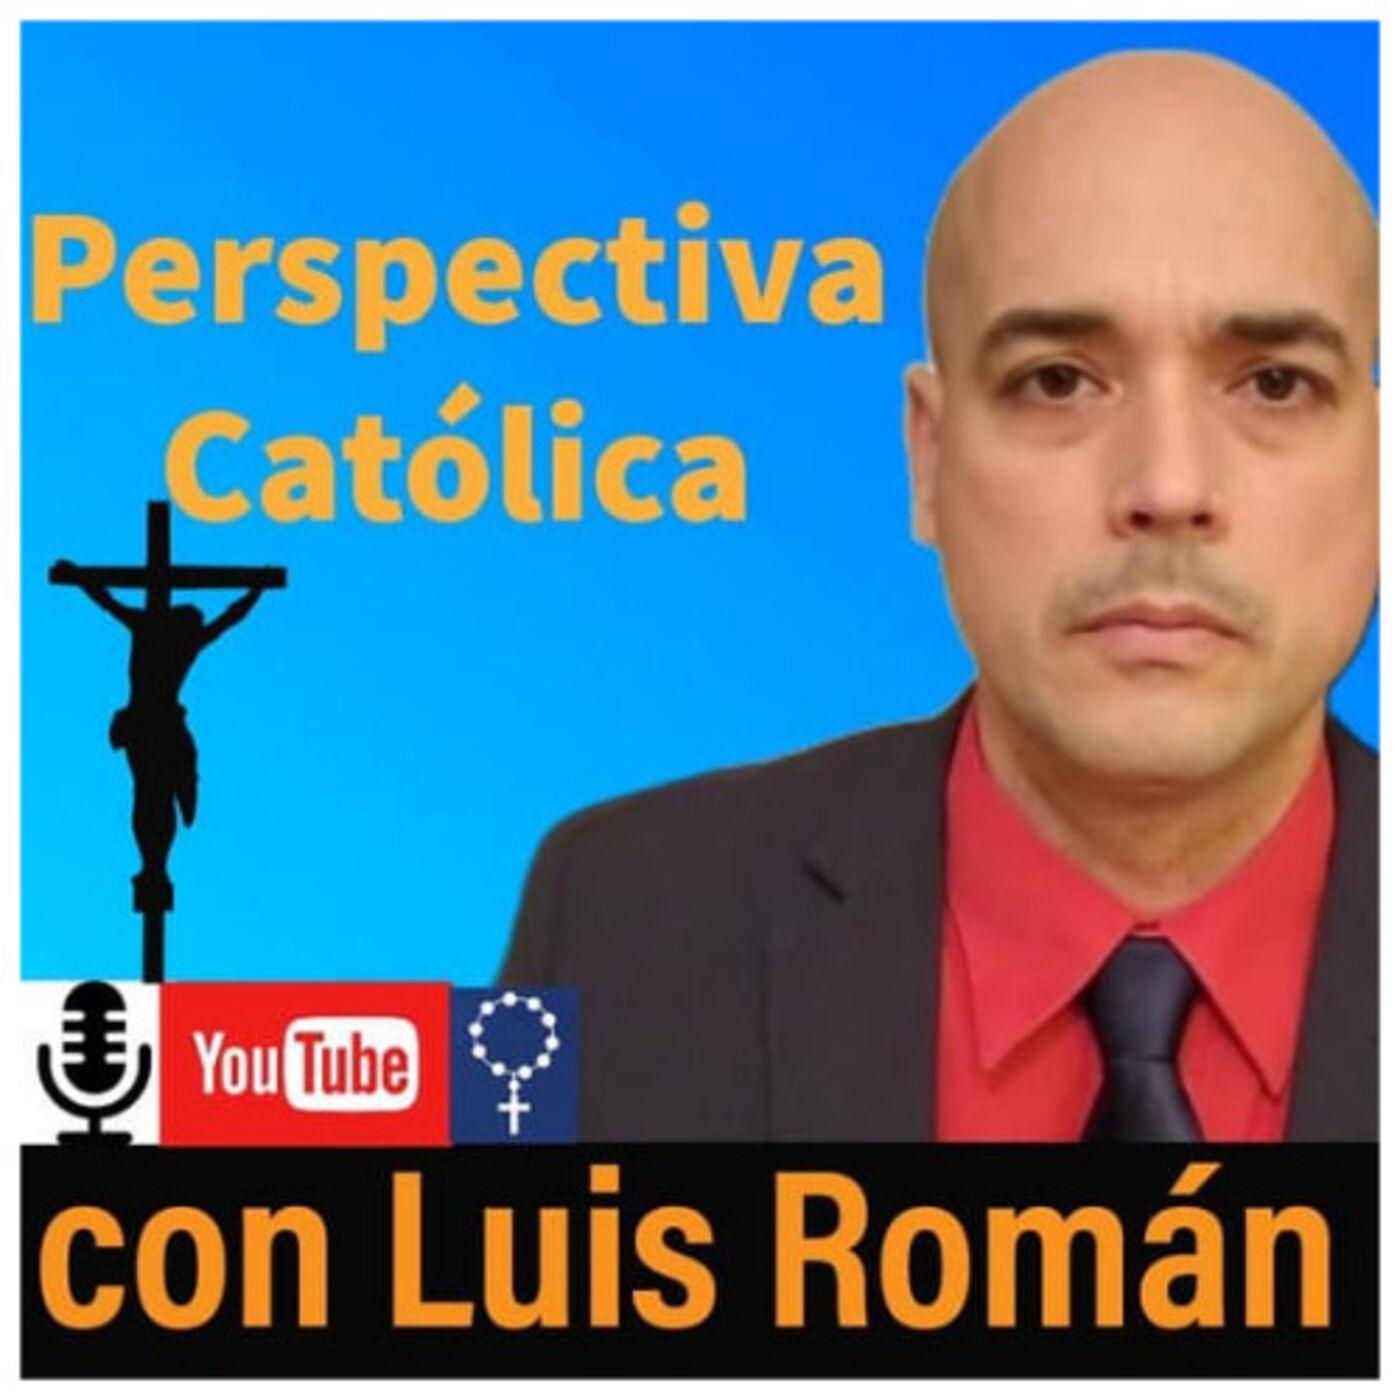 Perspectiva Católica 16: Vigano Arremete Contra Supresión De La Santa Misa Tradicional Summorum Pontificum con Luis Roman